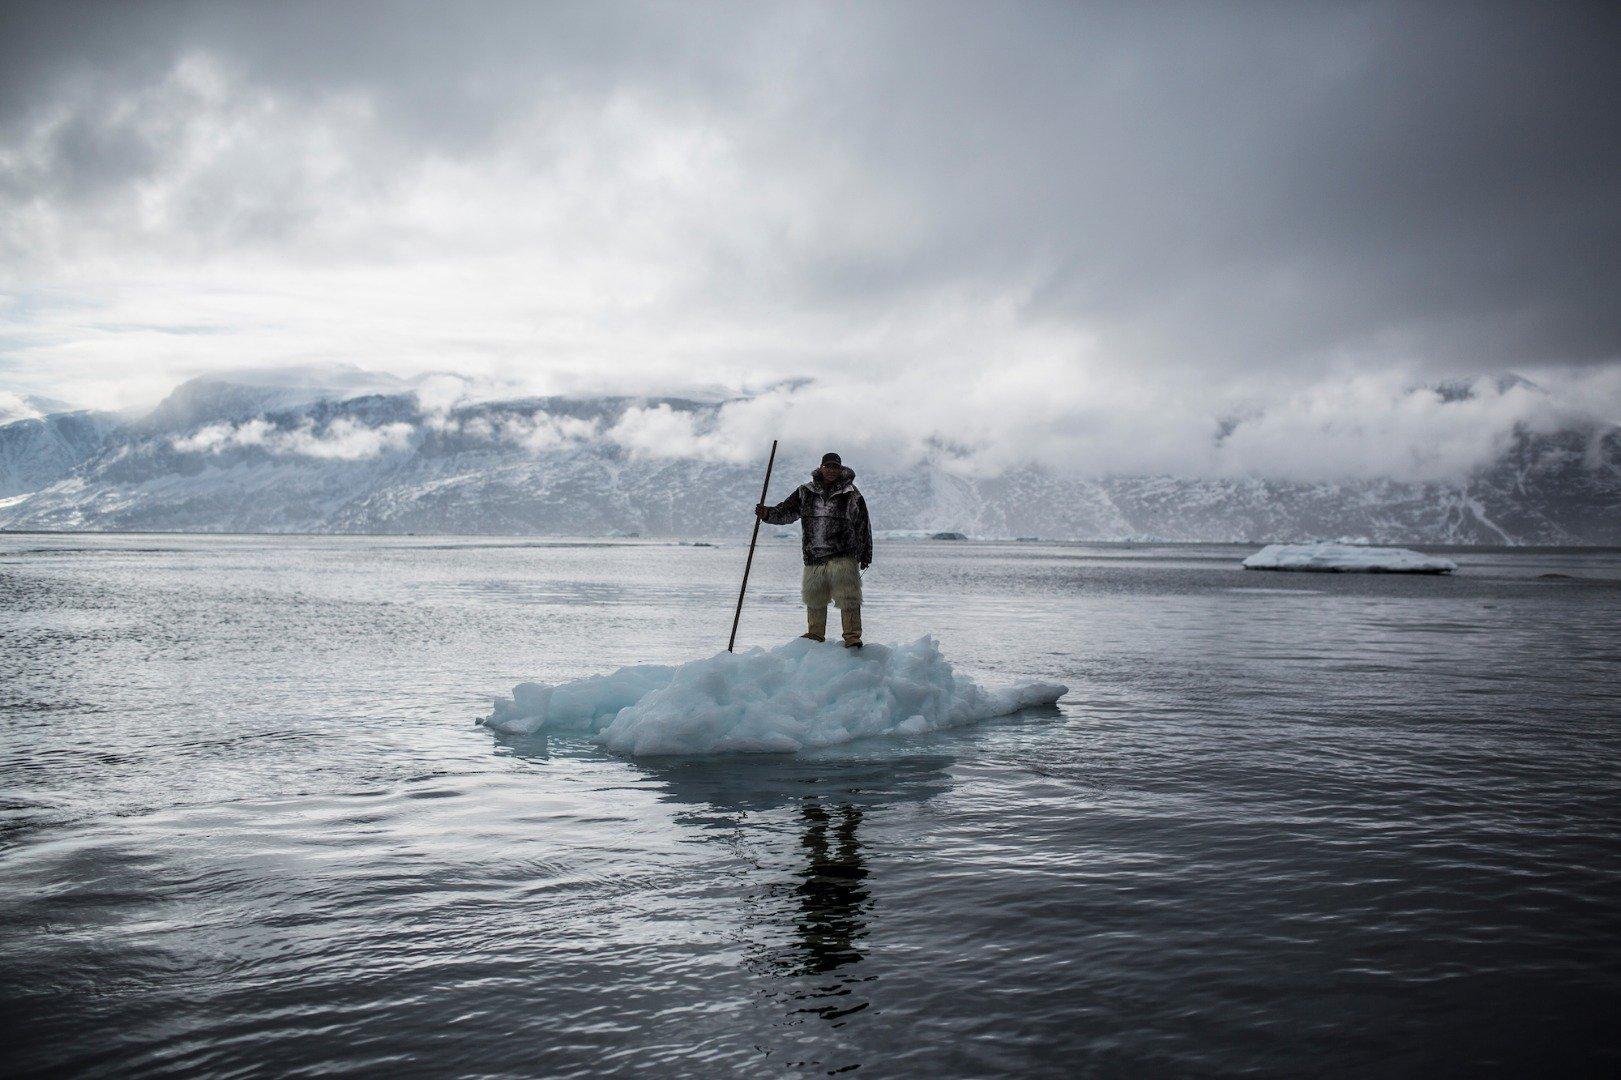 важно картинки человек на льдине требует родителей убитой